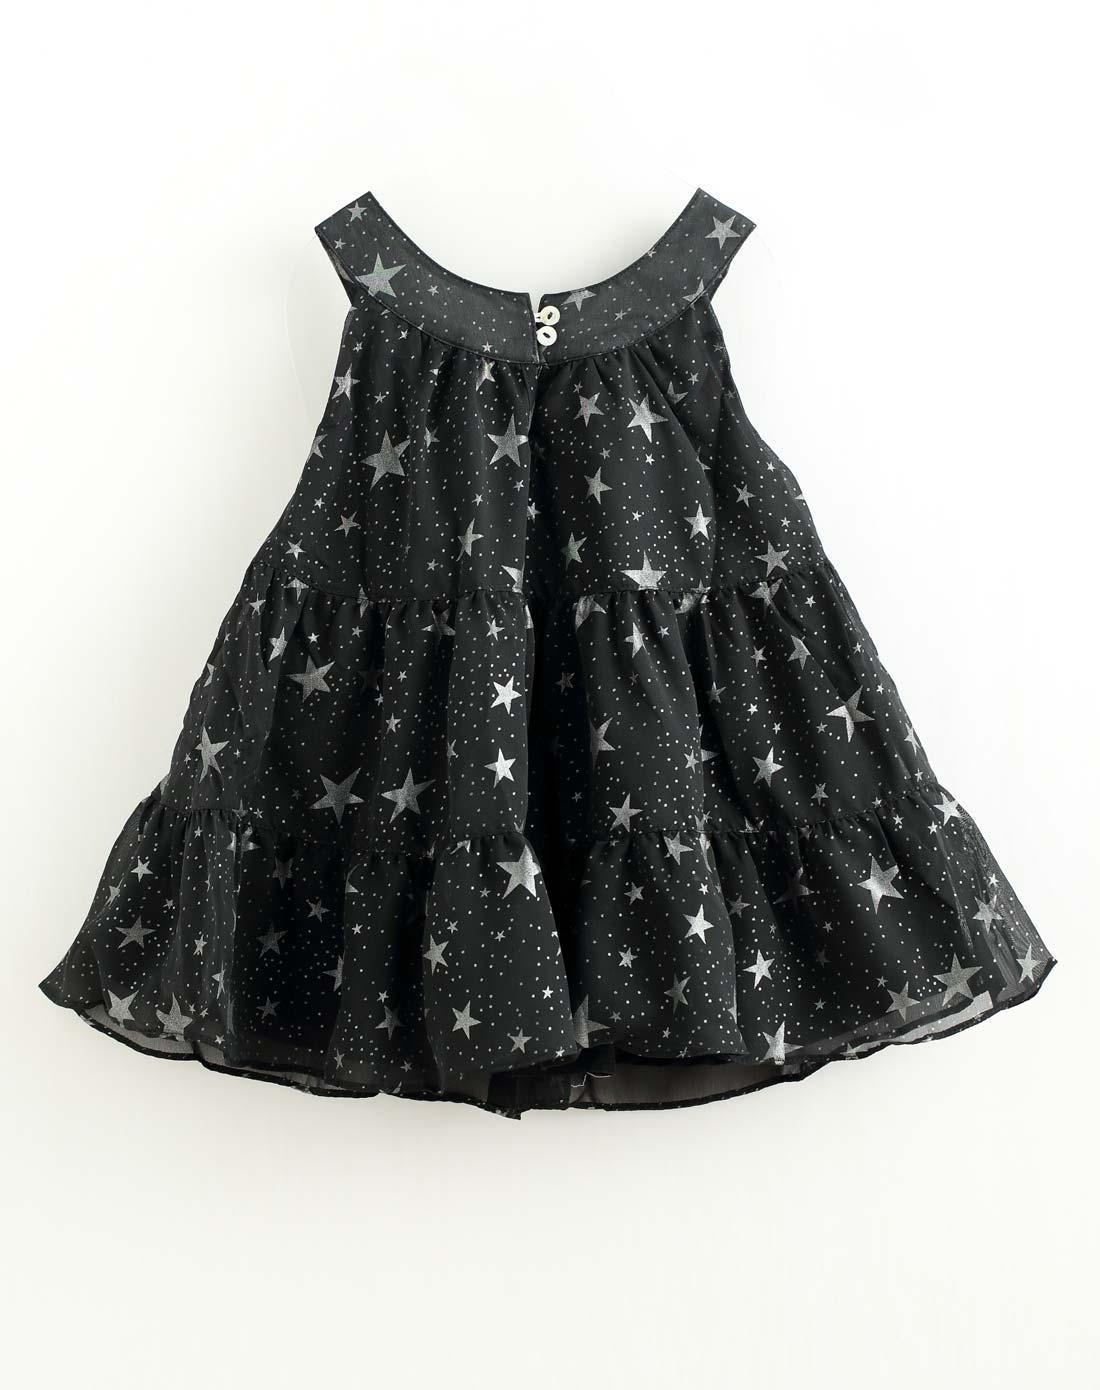 黑白裙子娃娃图片可爱